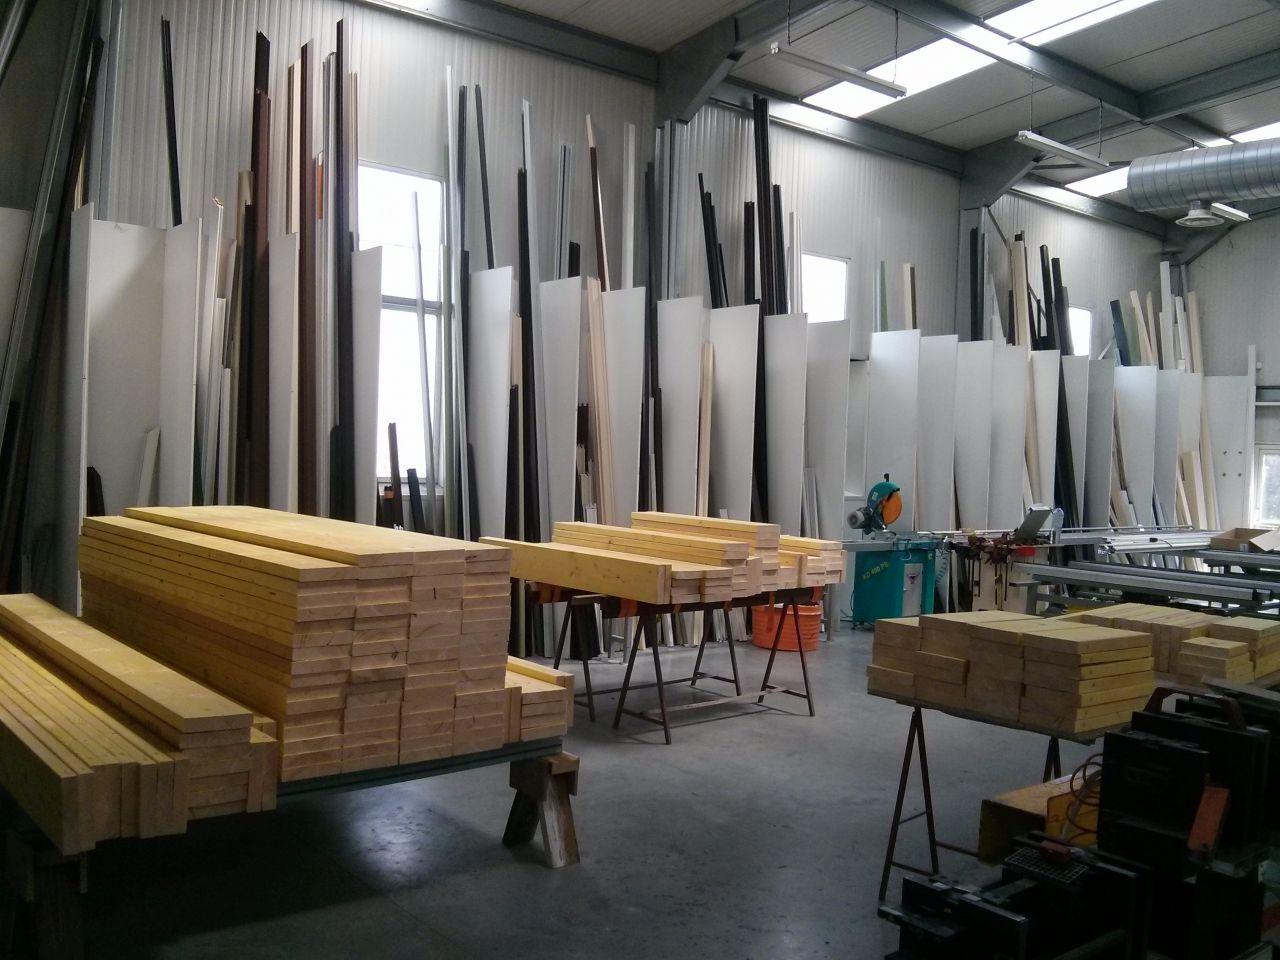 Les piles de bois pour les murs extérieurs